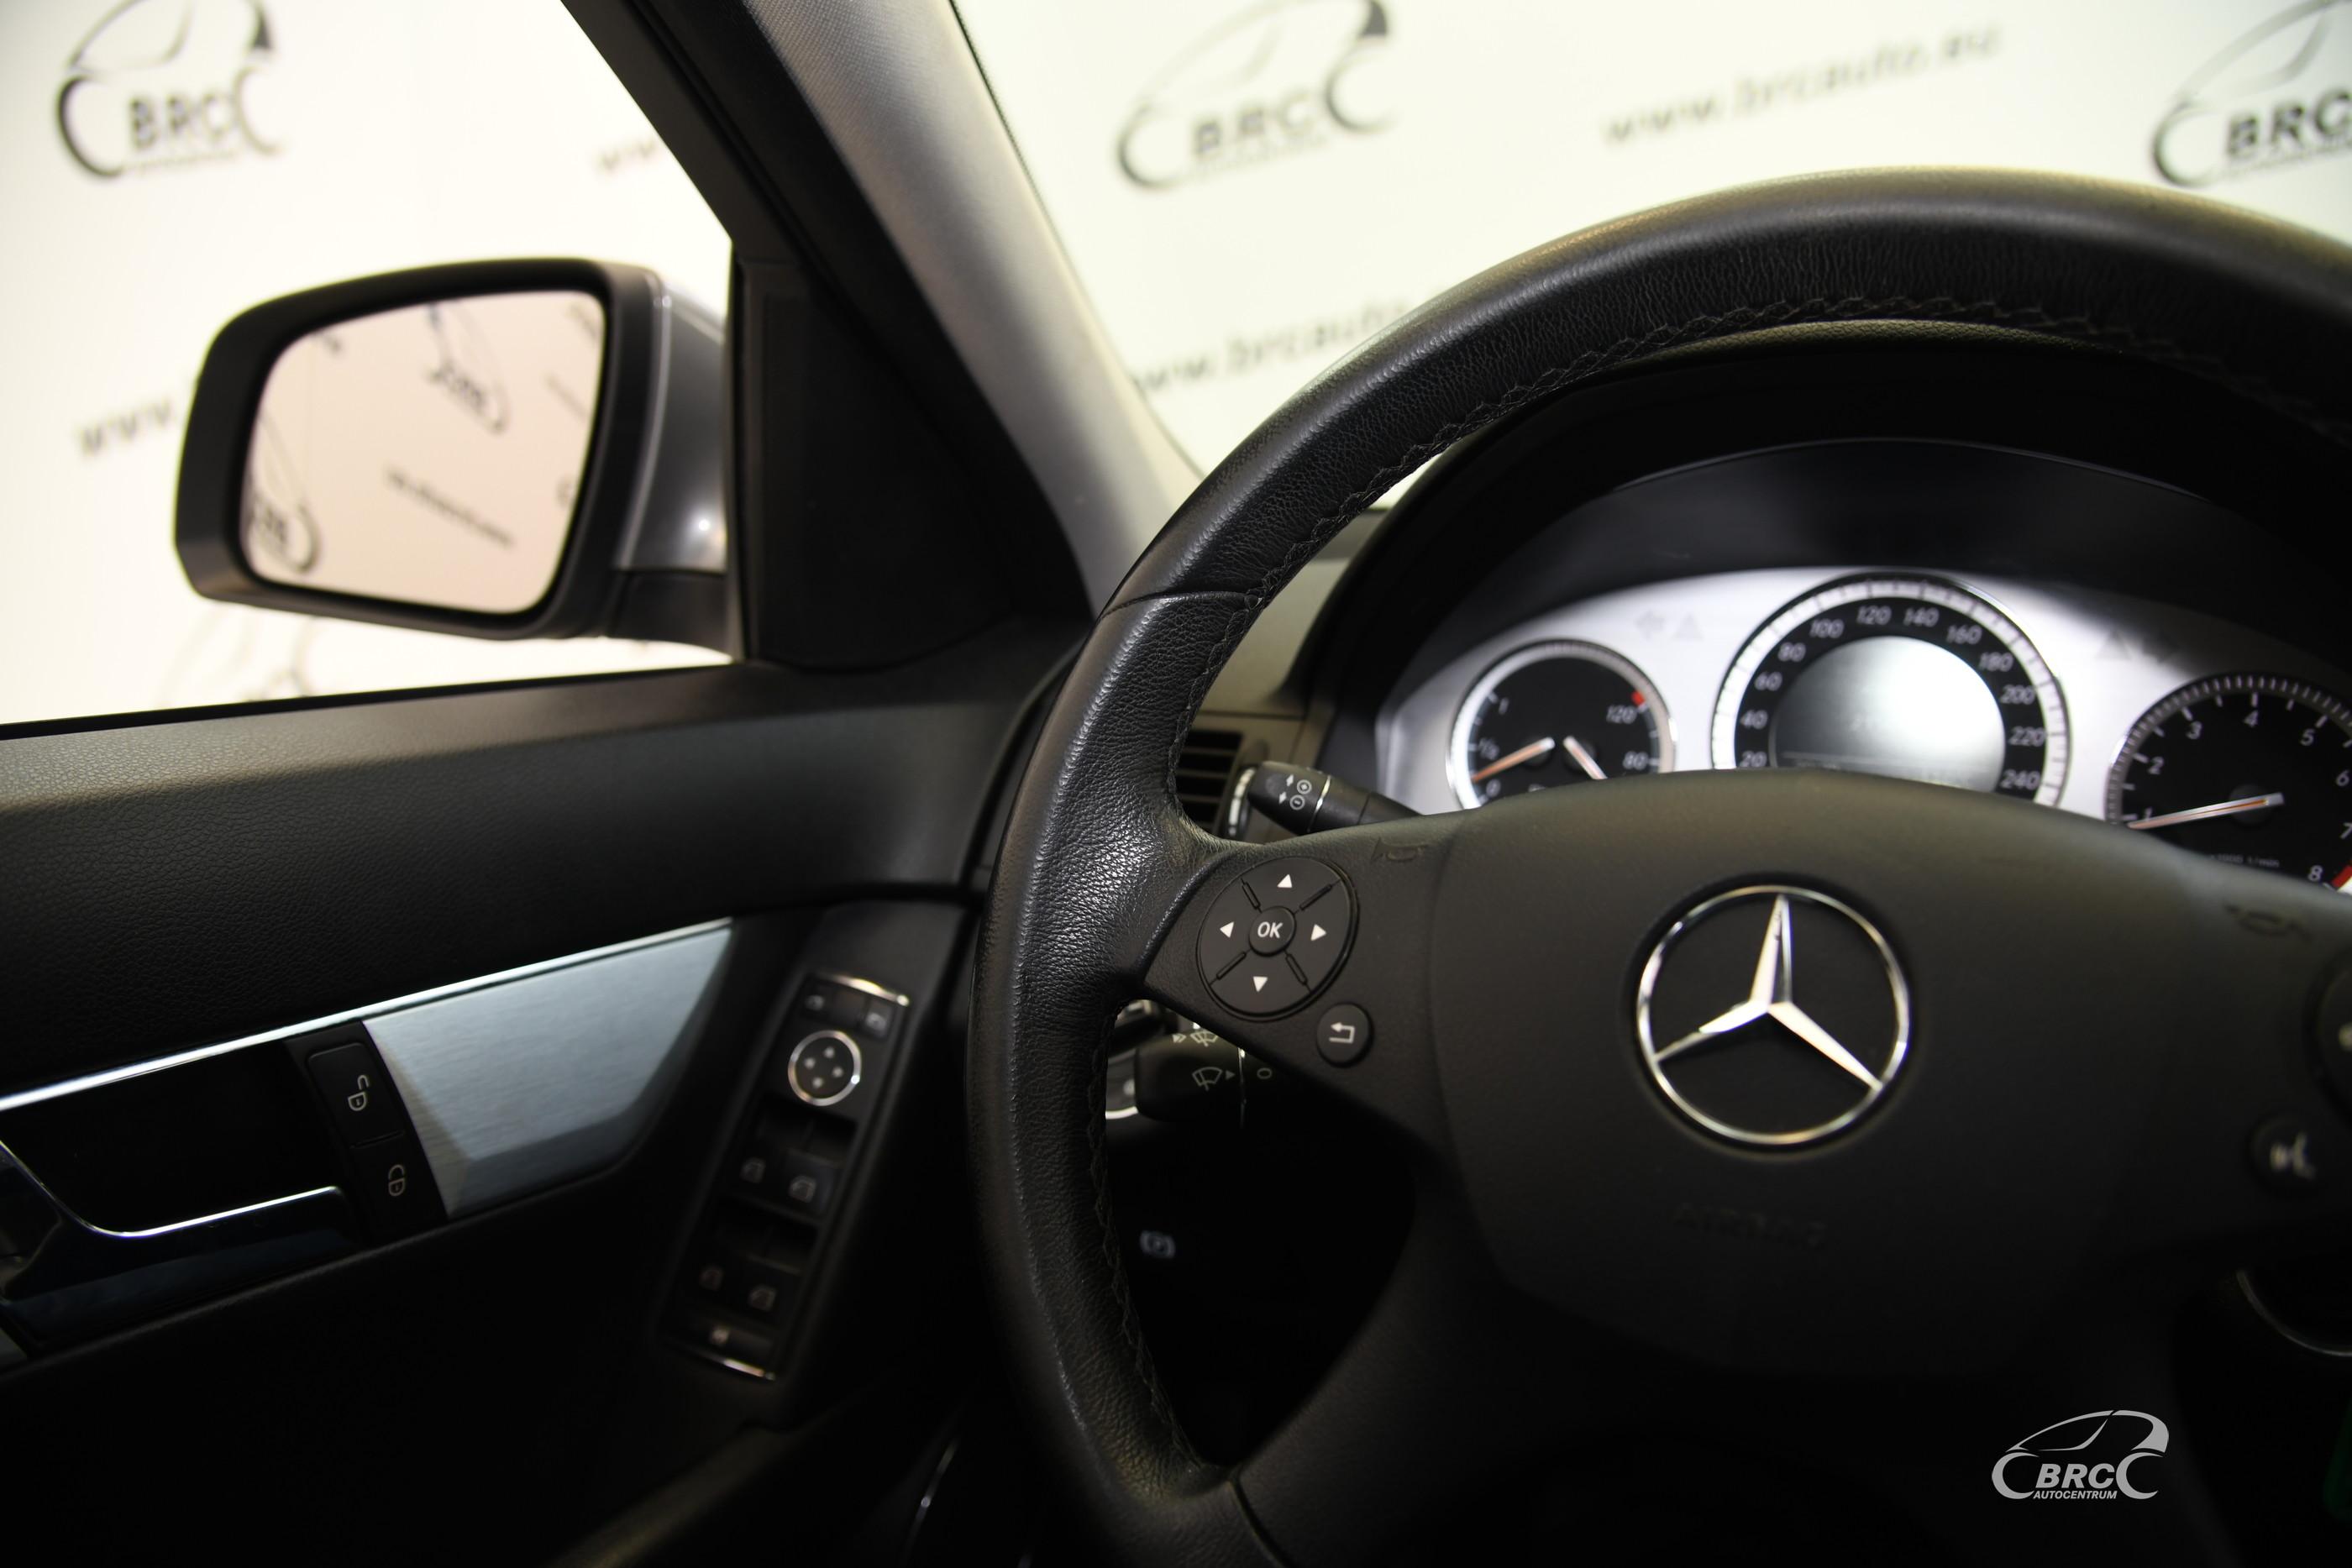 Mercedes-Benz C 180 T Kompressor Avantgarde Estate Automatas